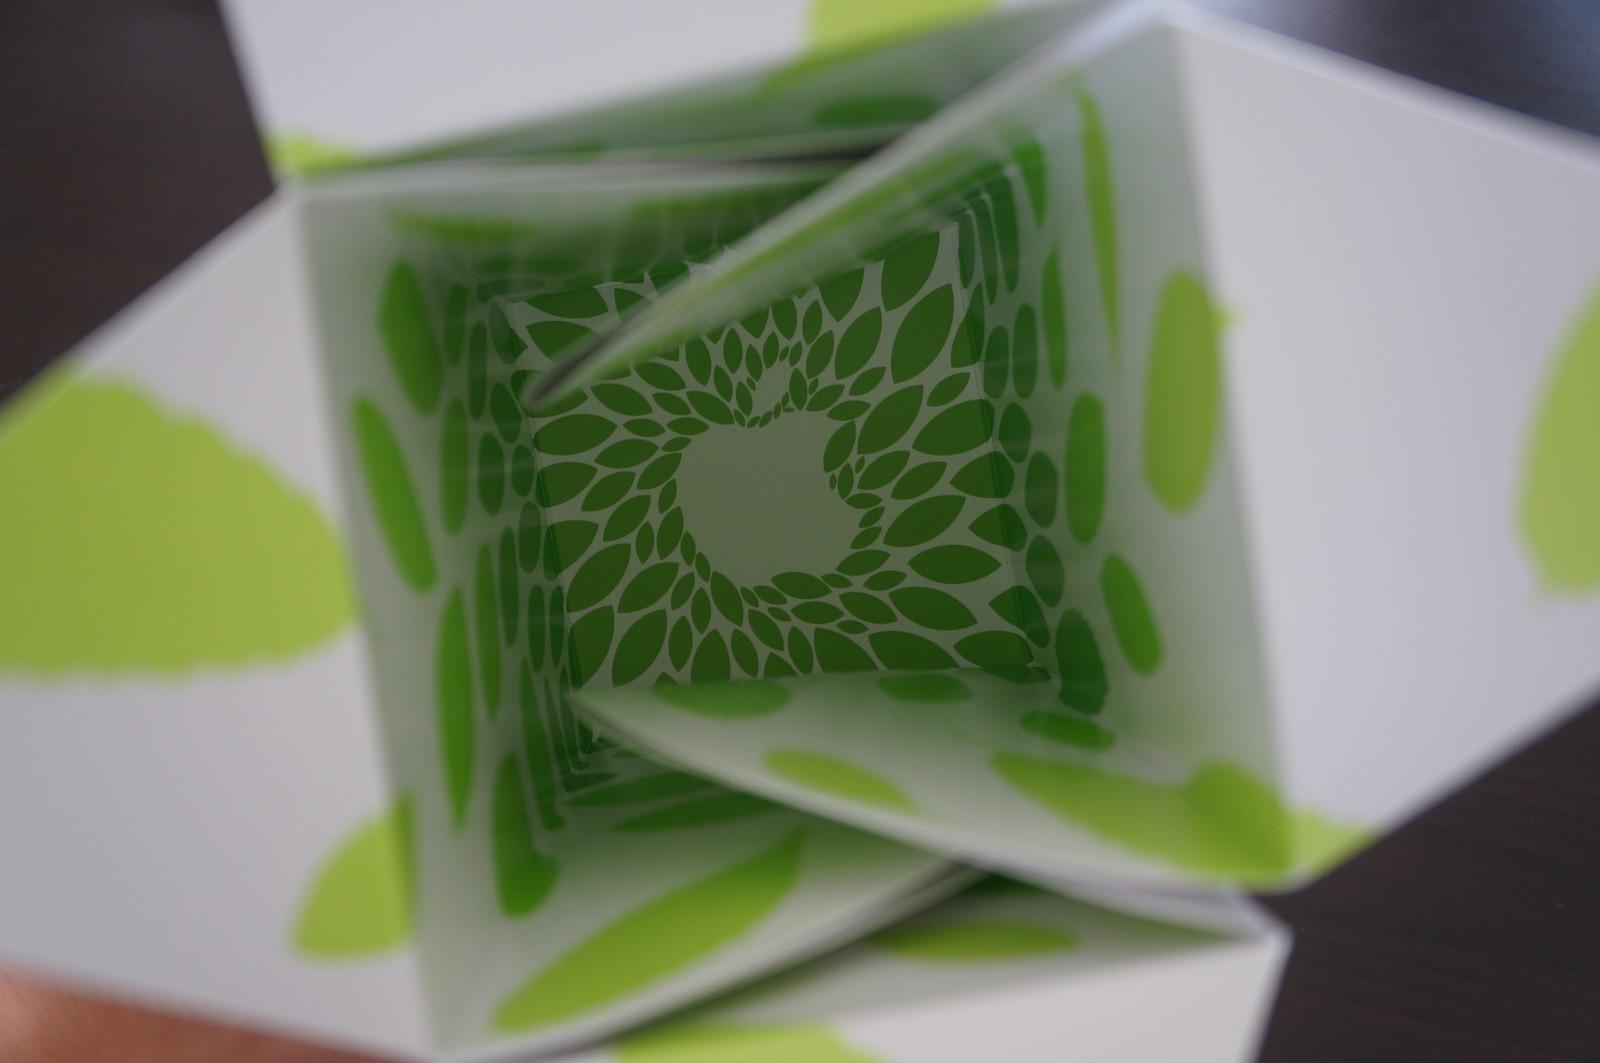 箱にはケヤキの葉がプリントされ、底面にはAppleのロゴがプリントされています